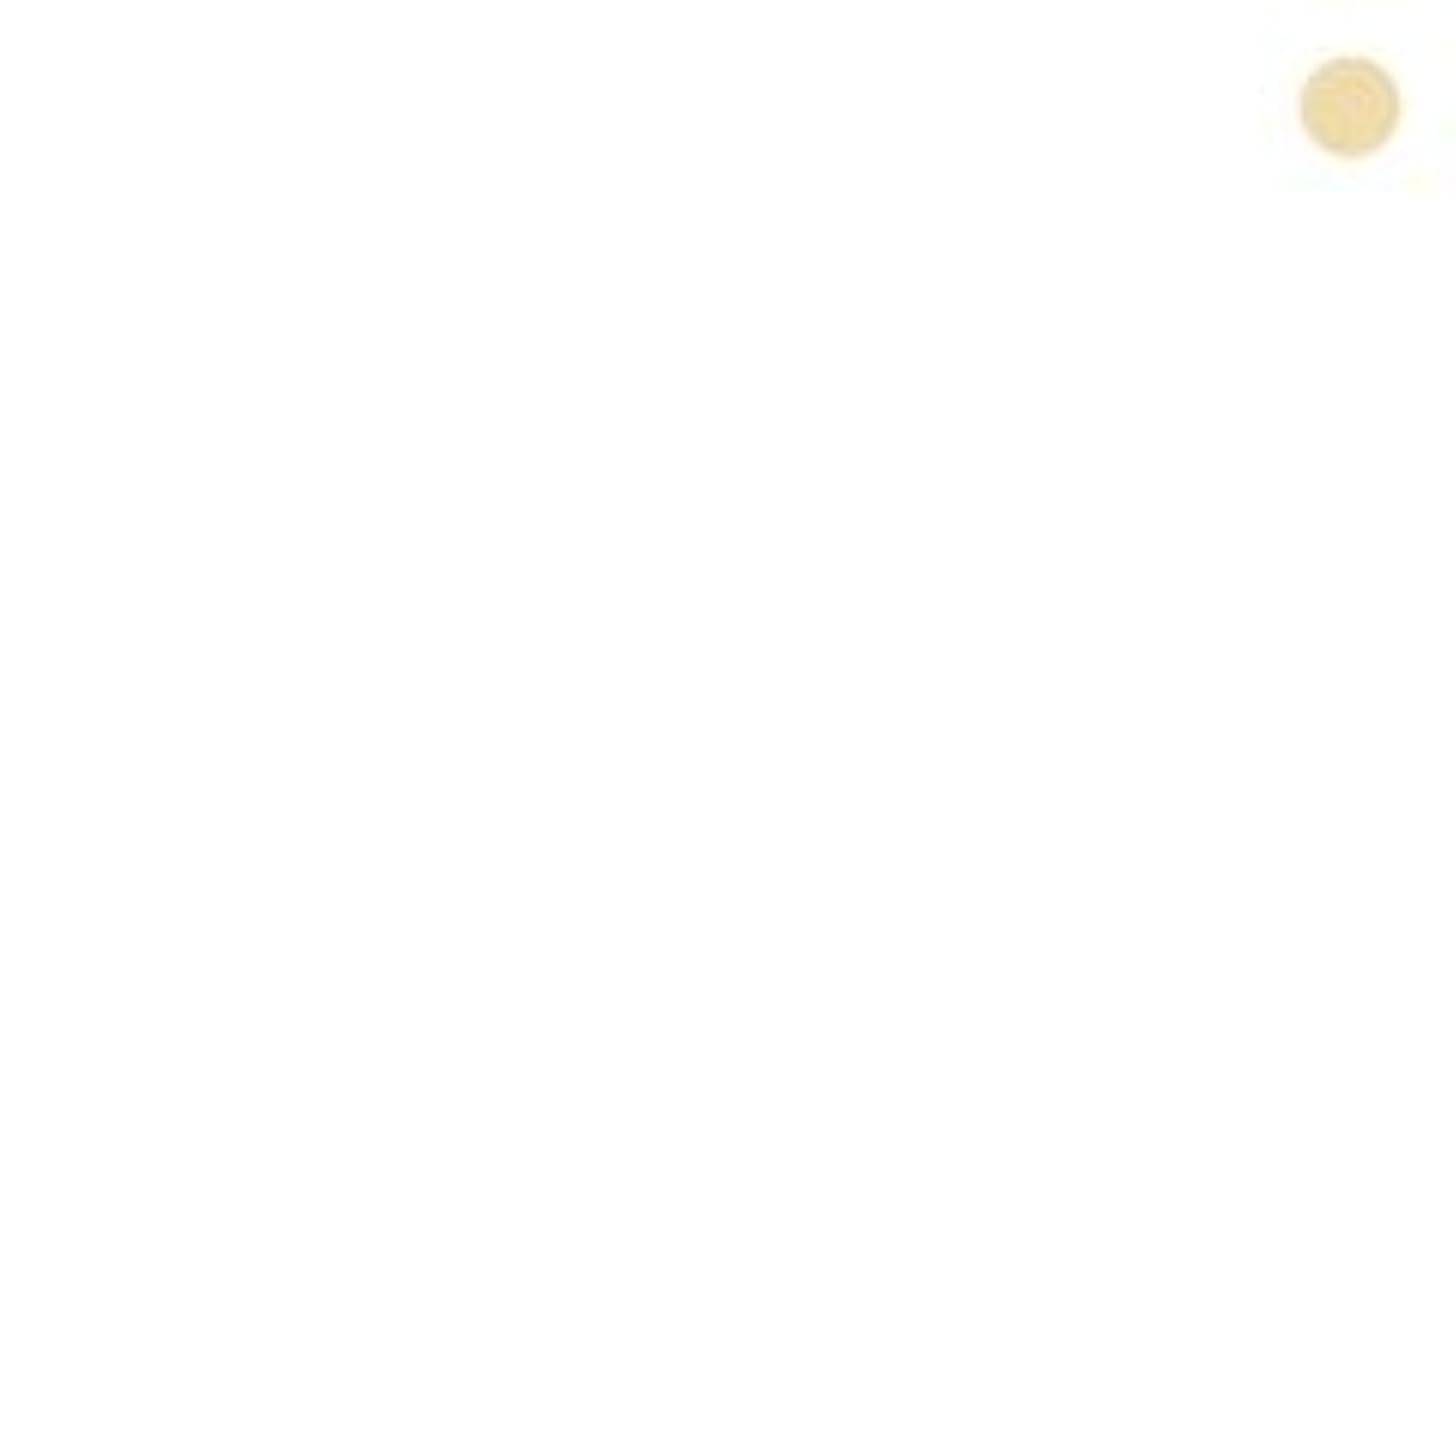 ガジュマルありふれた生産的【カバーマーク】ジャスミーカラー パウダリーファンデーション #BN20 (レフィル)